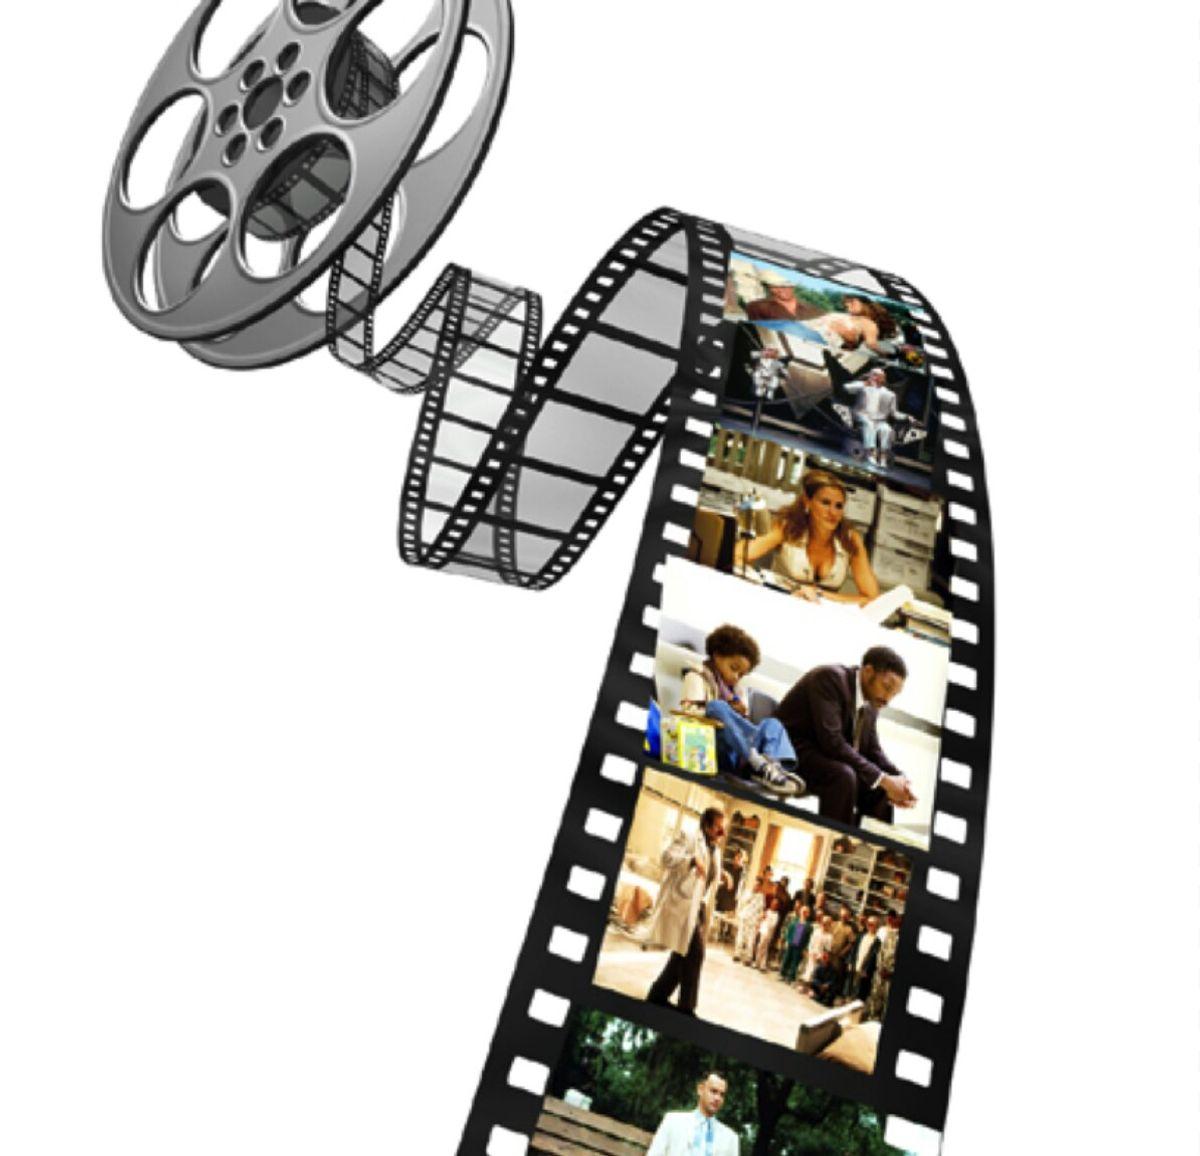 7 Movie Series To Binge Watch This Summer